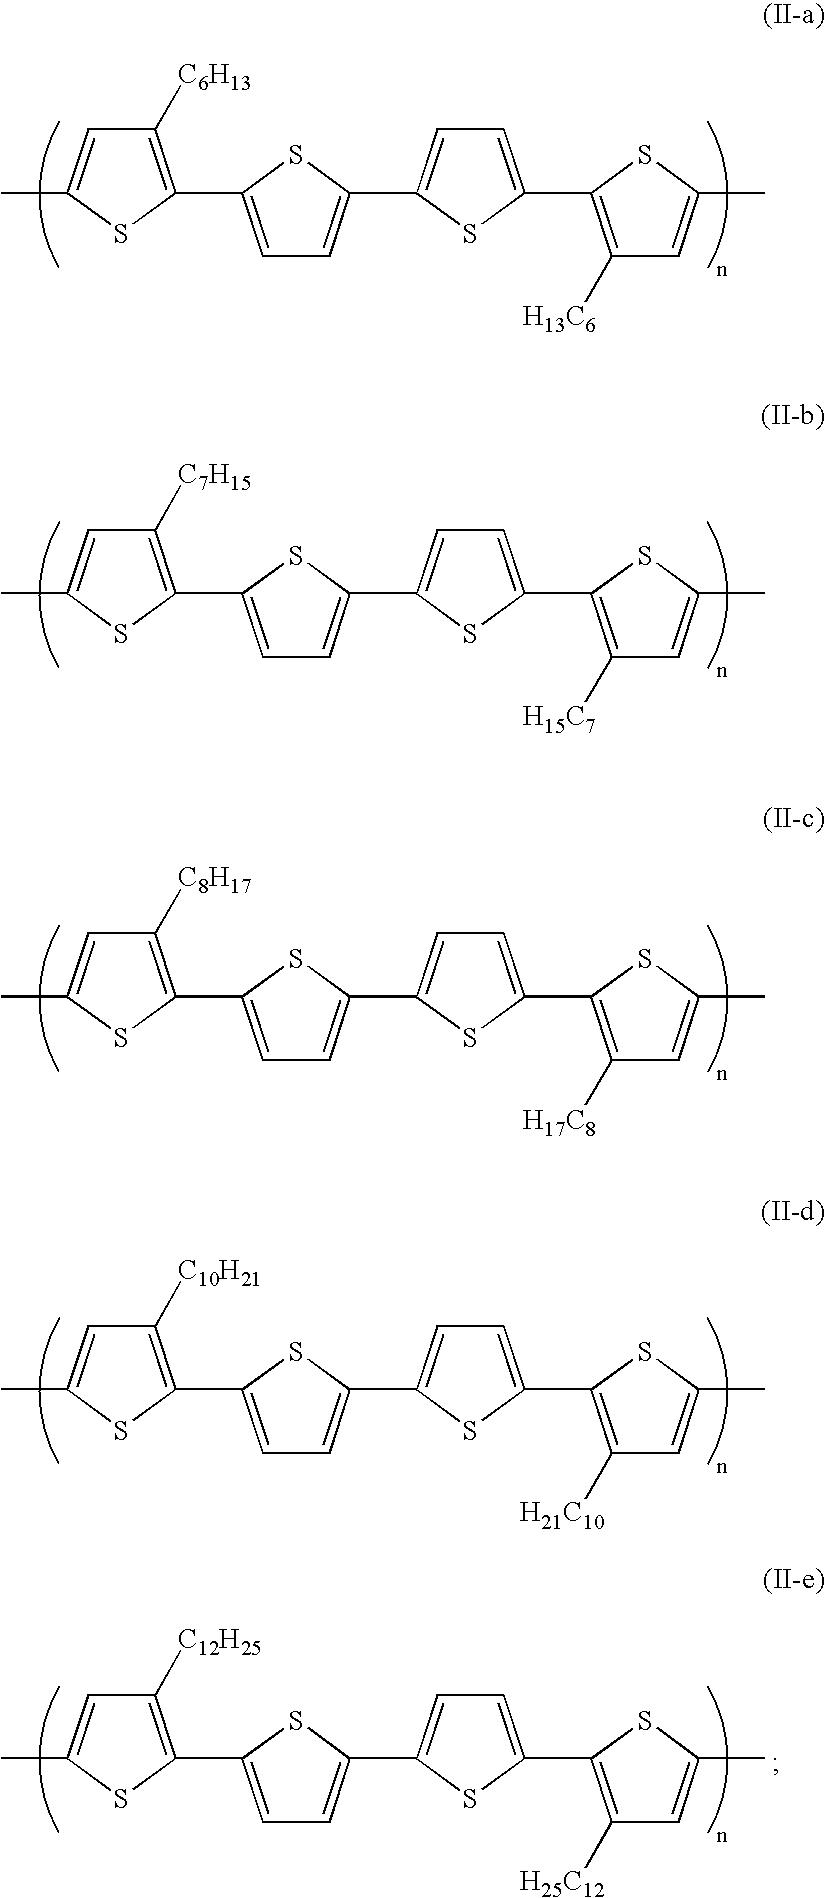 Figure US20070117963A1-20070524-C00015